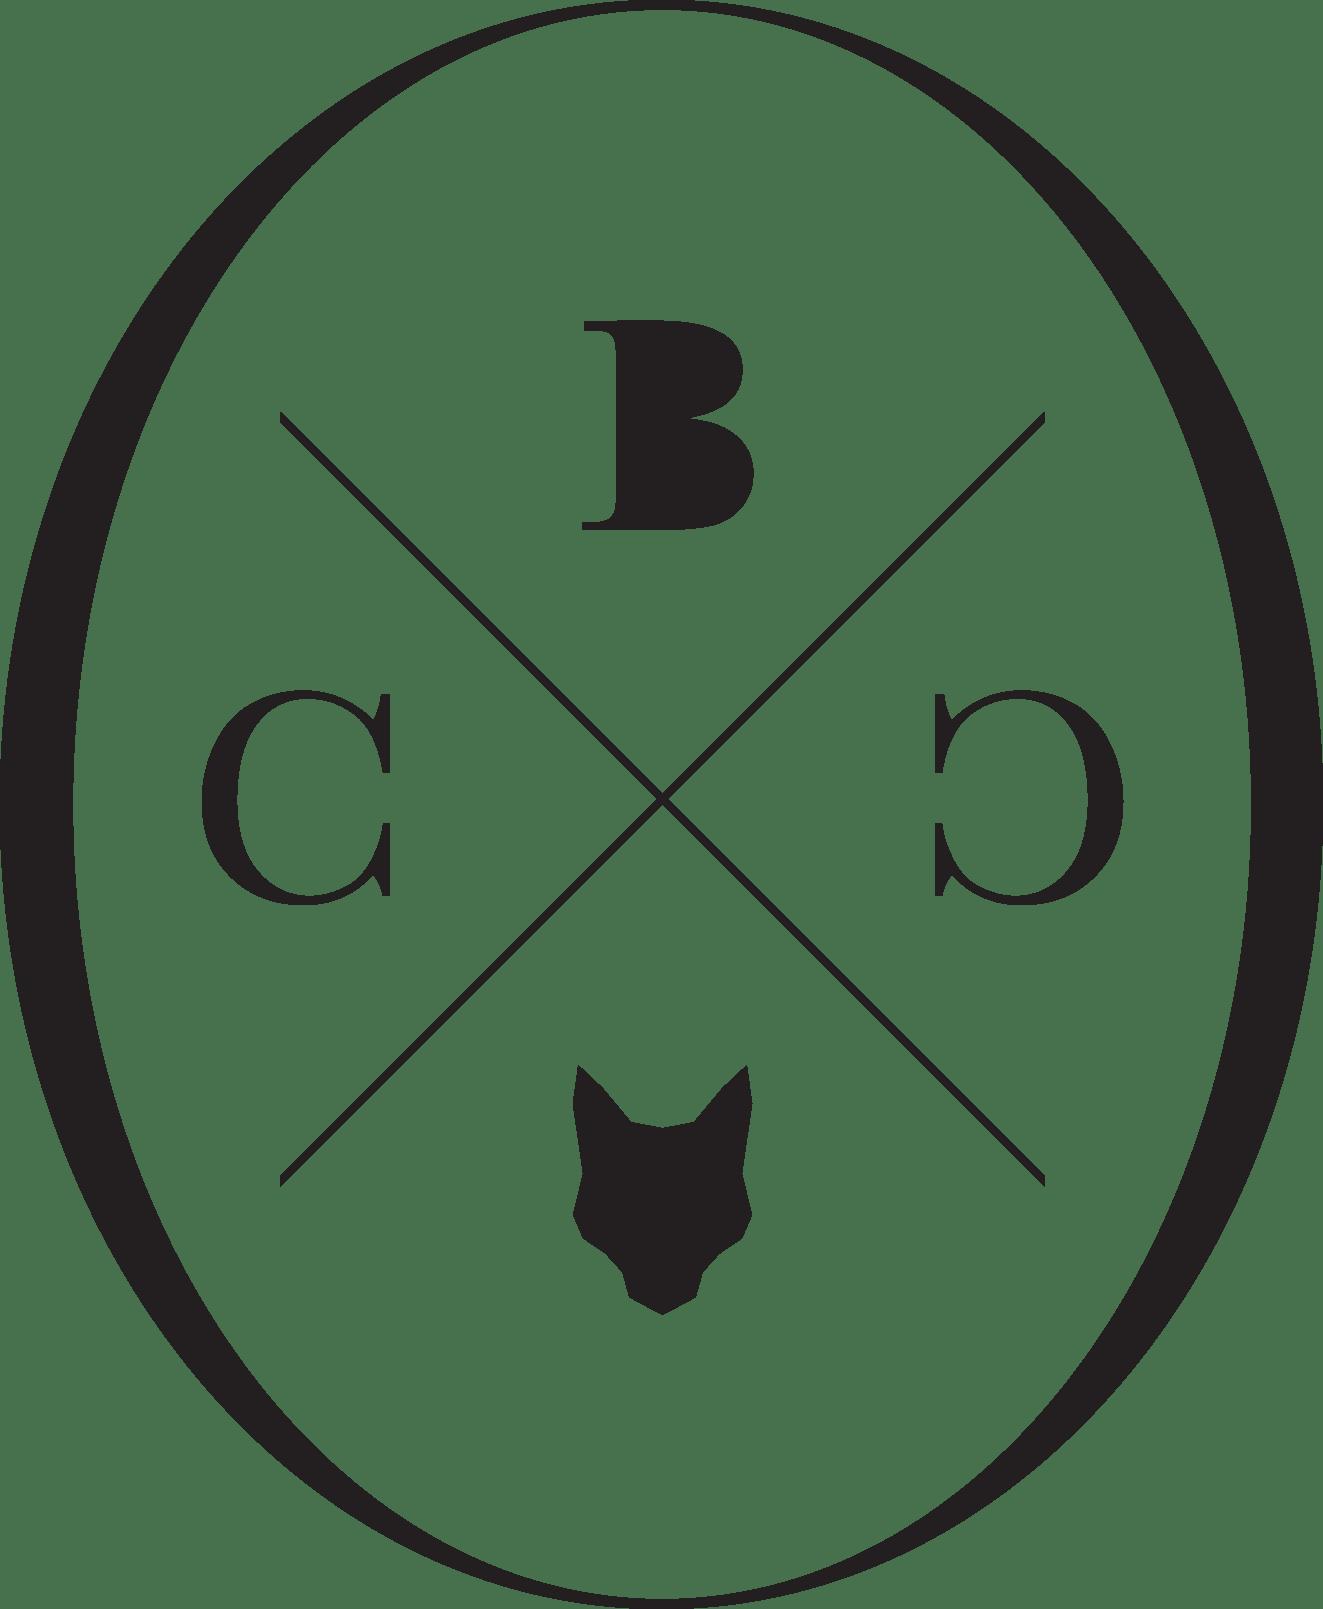 black wolf cigar club